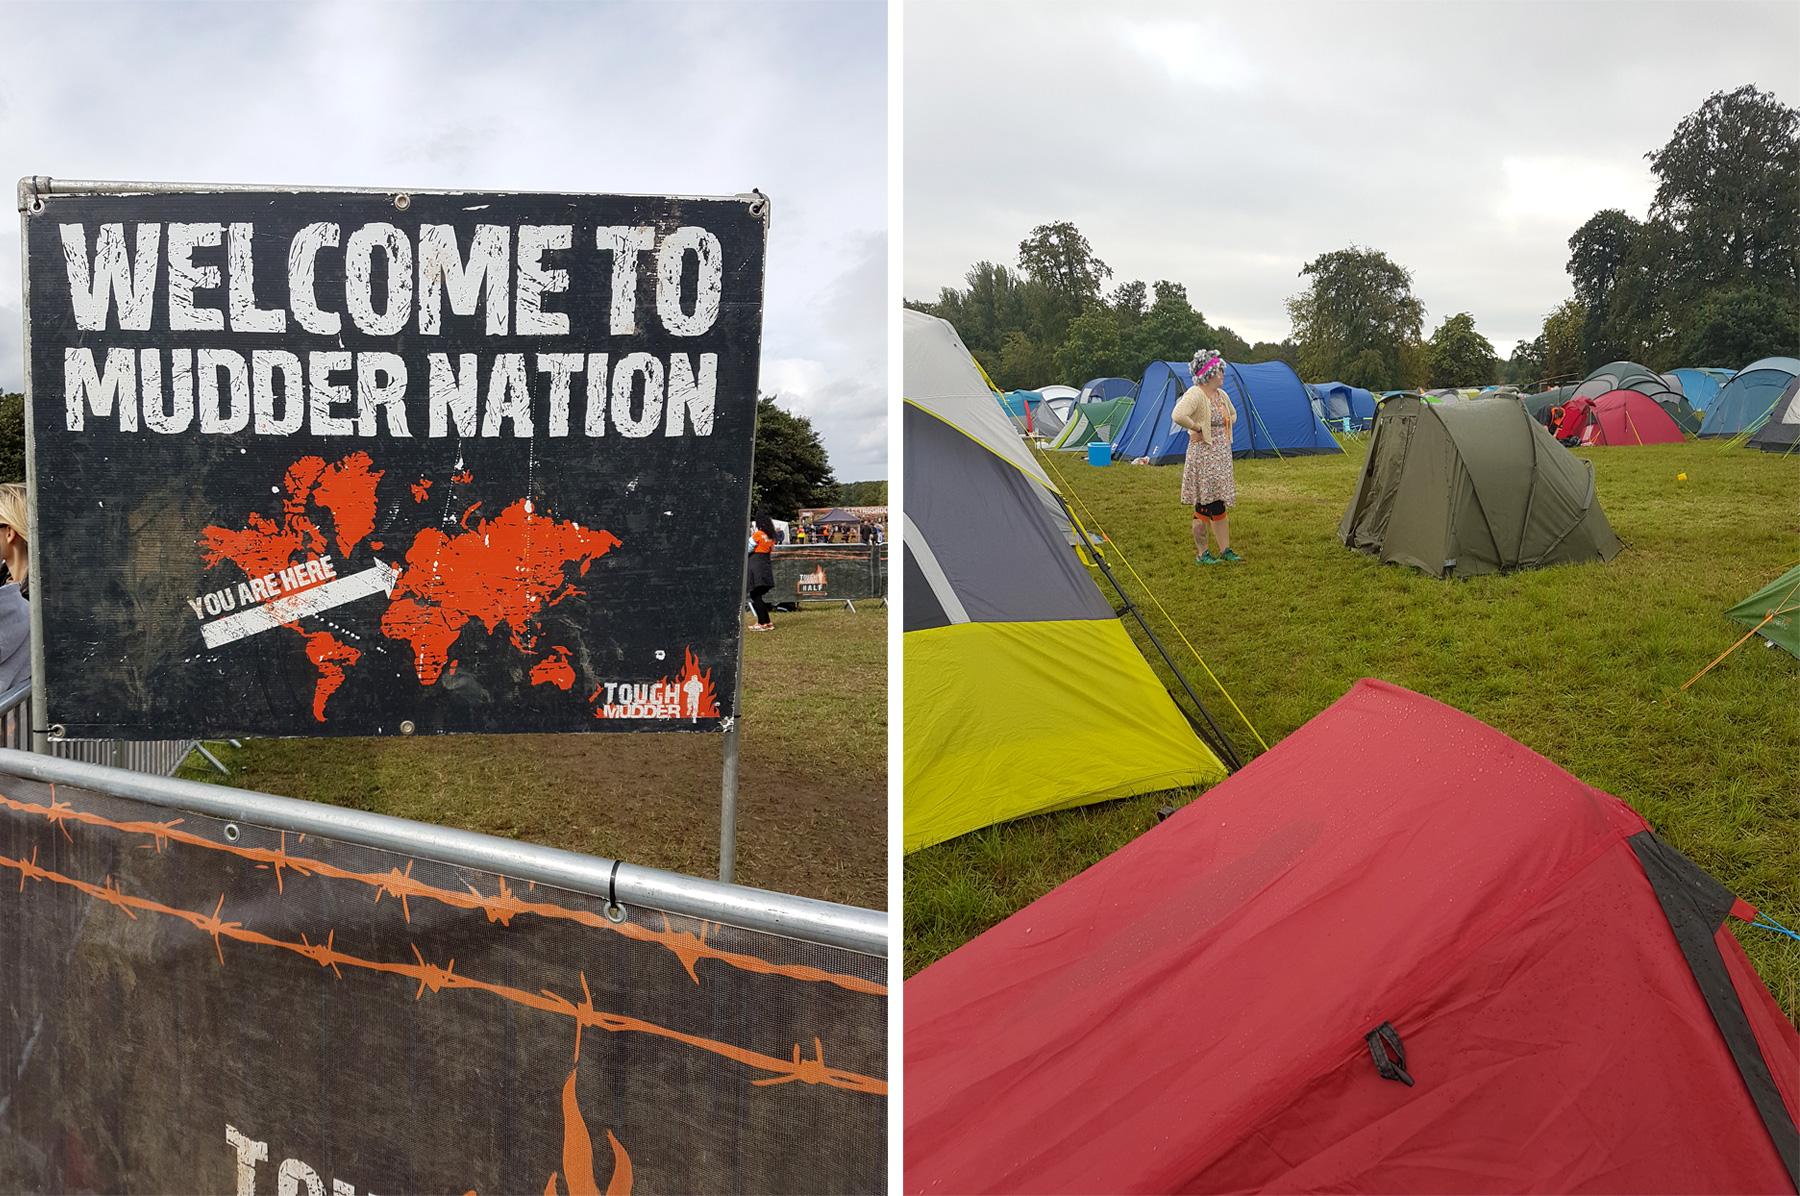 Tough Mudder Camping